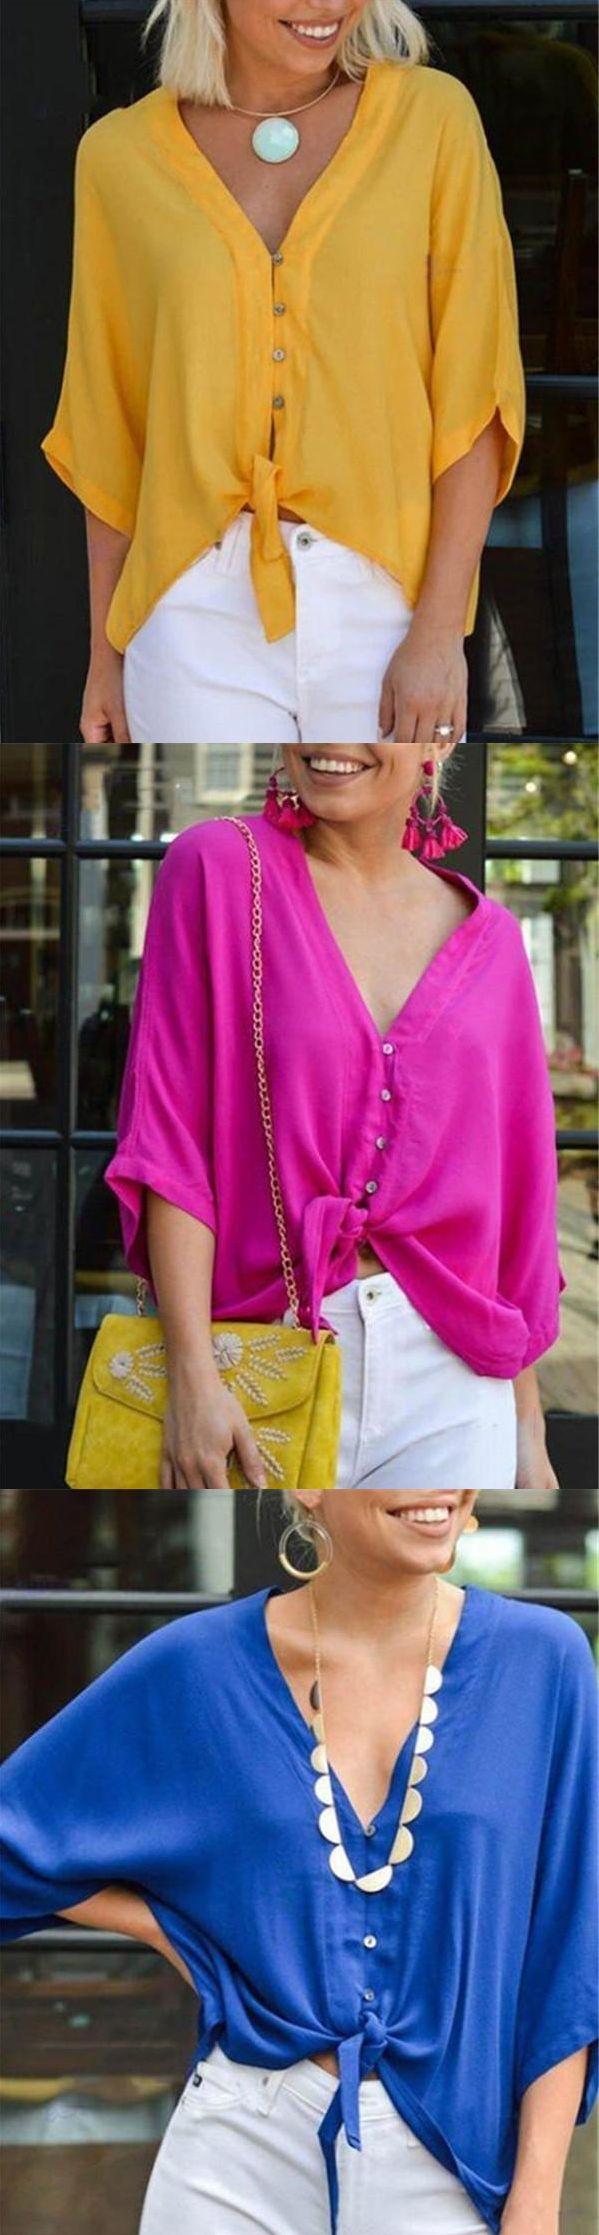 $25.99 SALE! SHOP NOW>>>Plus Size V Neck Lace-Up Blouse